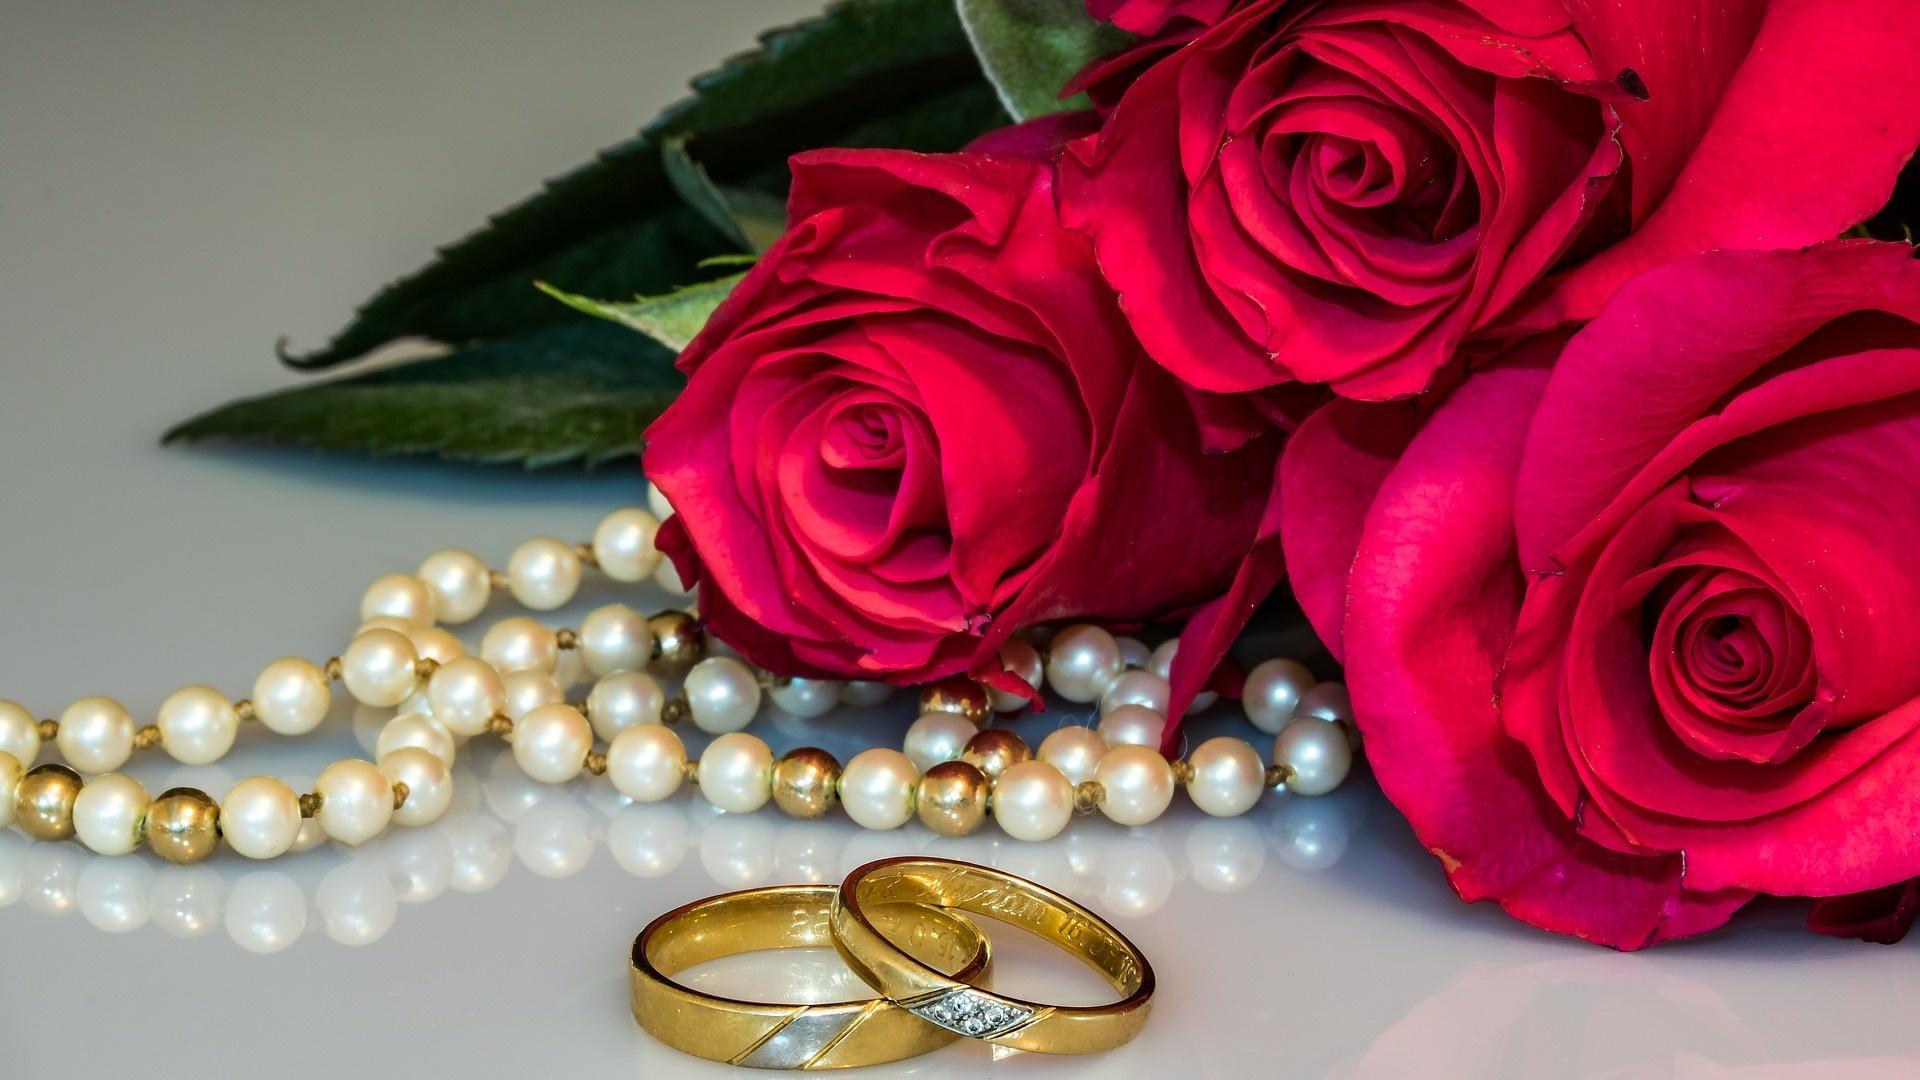 Der 30. Hochzeitstag: Seine Bedeutung wird durch Perlen symbolisiert und daher Perlenhochzeit genannt.